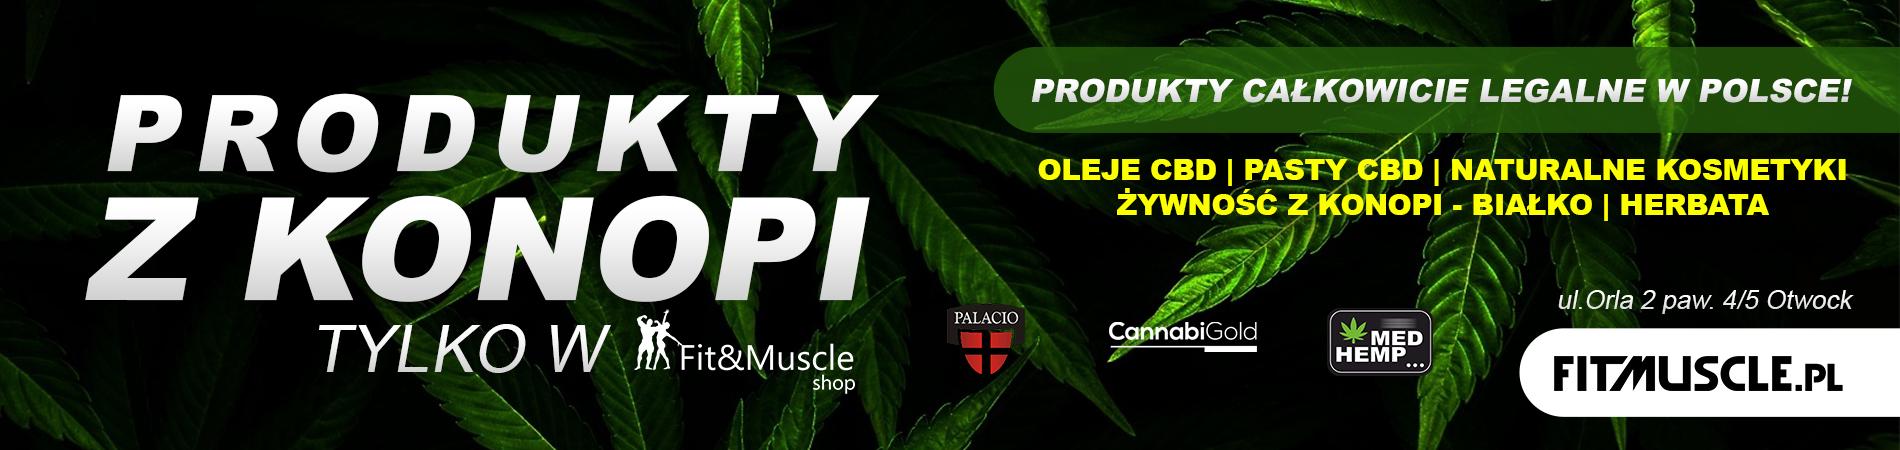 Produkty z konopi - fitmuscle.pl